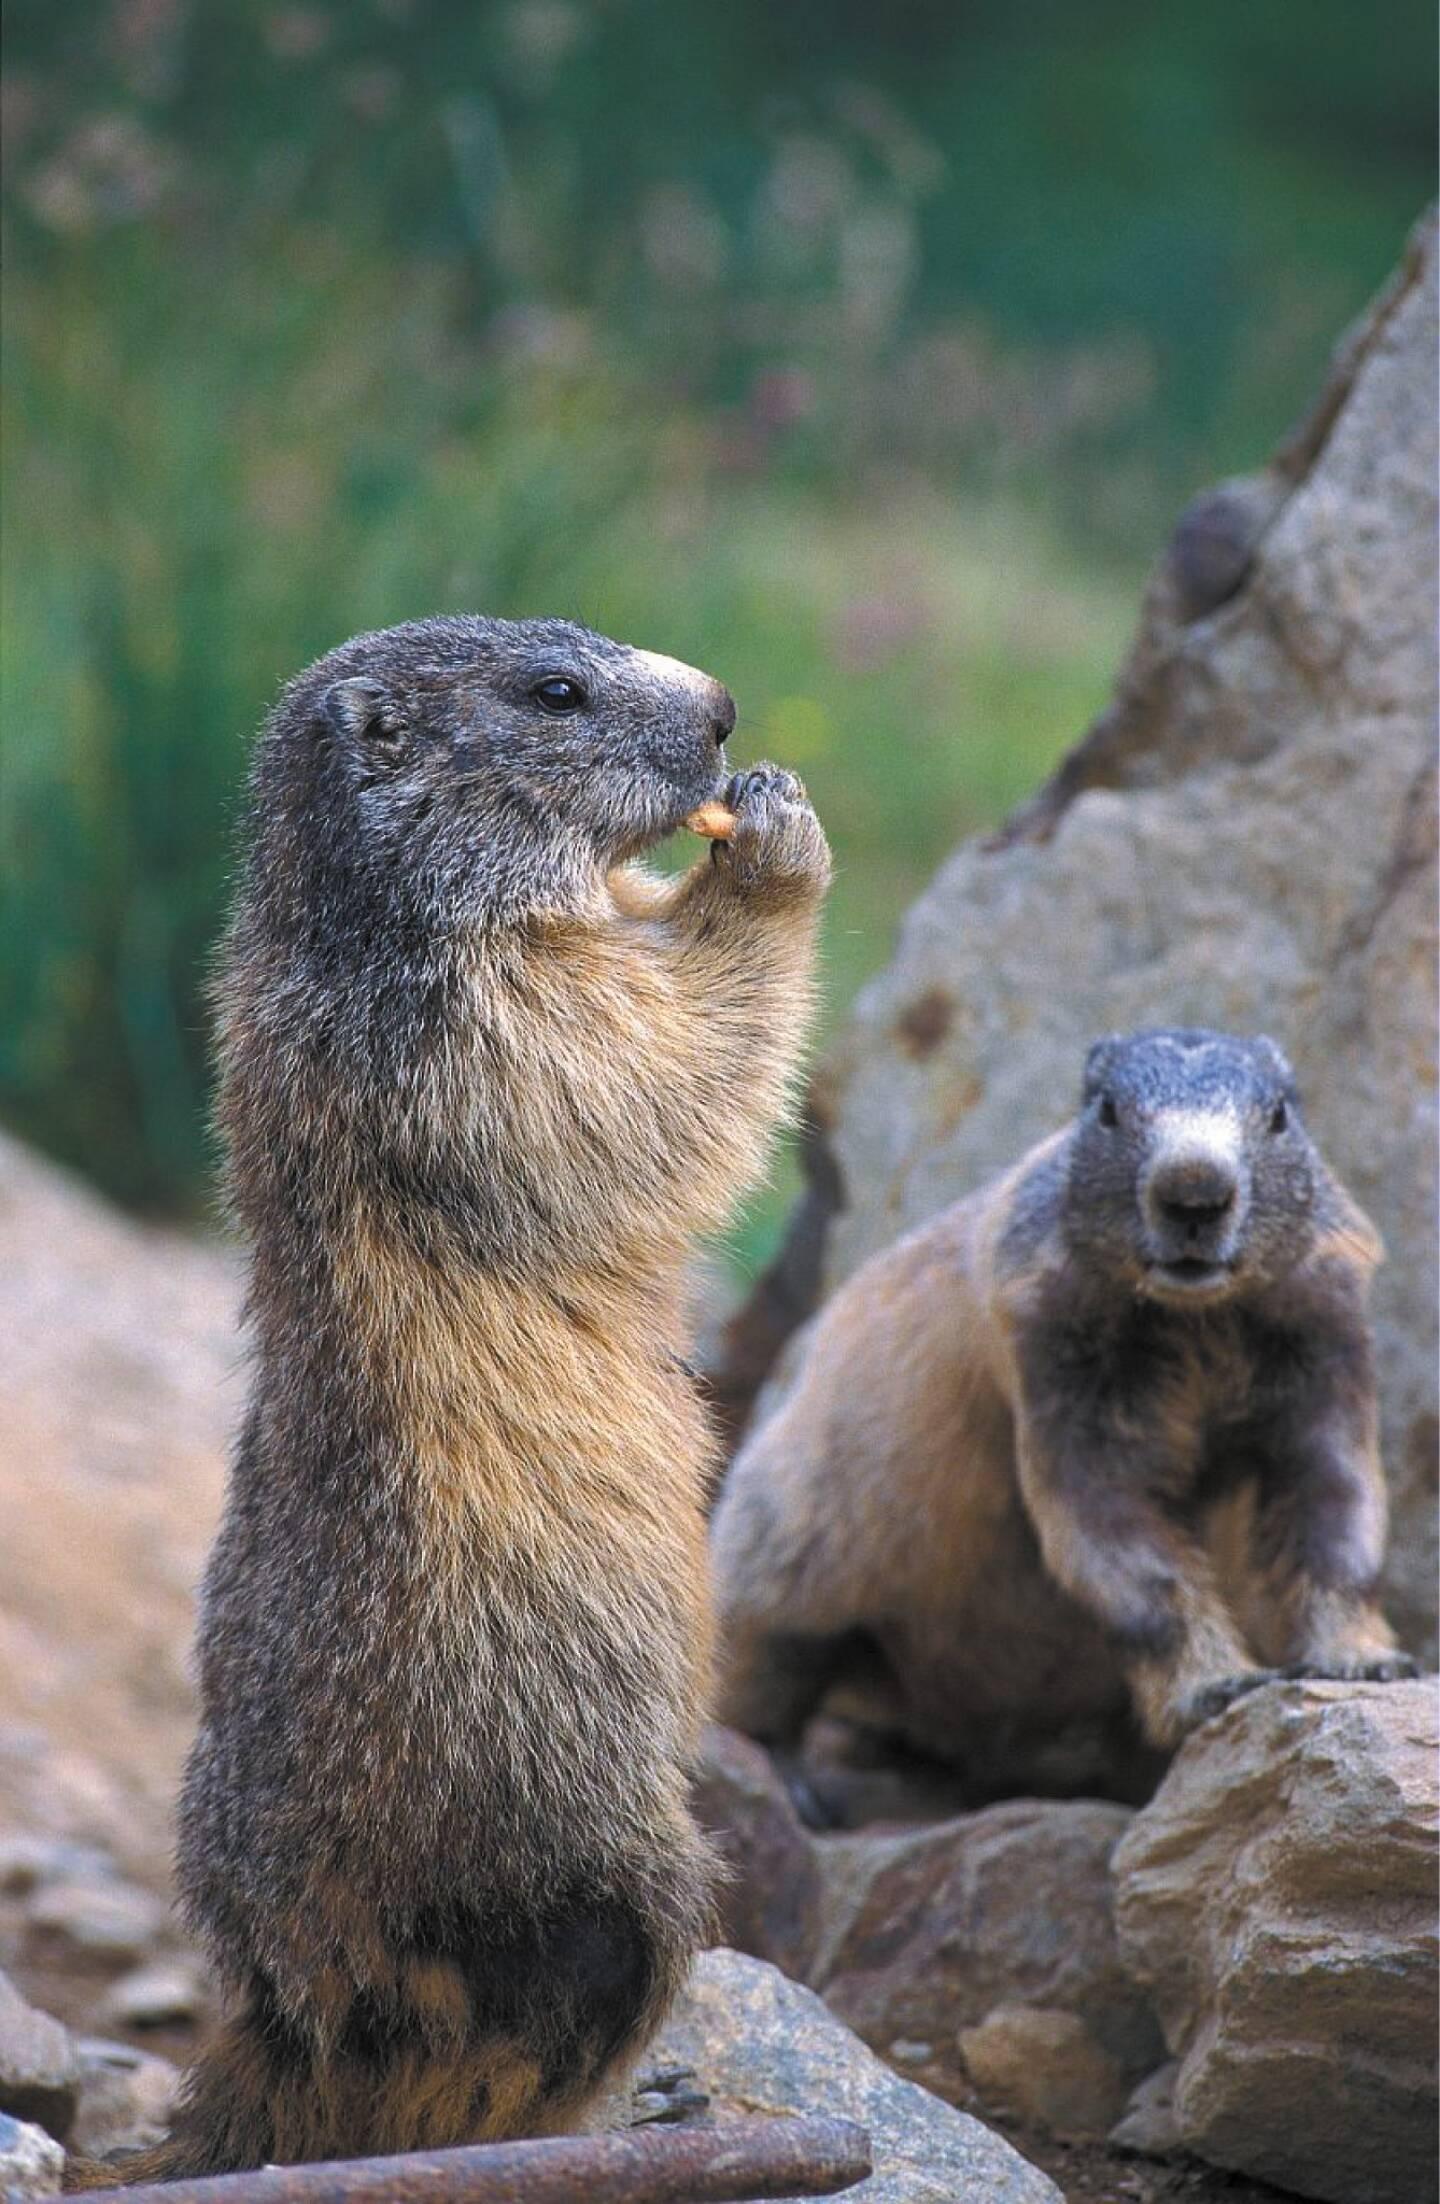 La marmotte est la mascotte des alpages, c'est aussi un animal chassable.